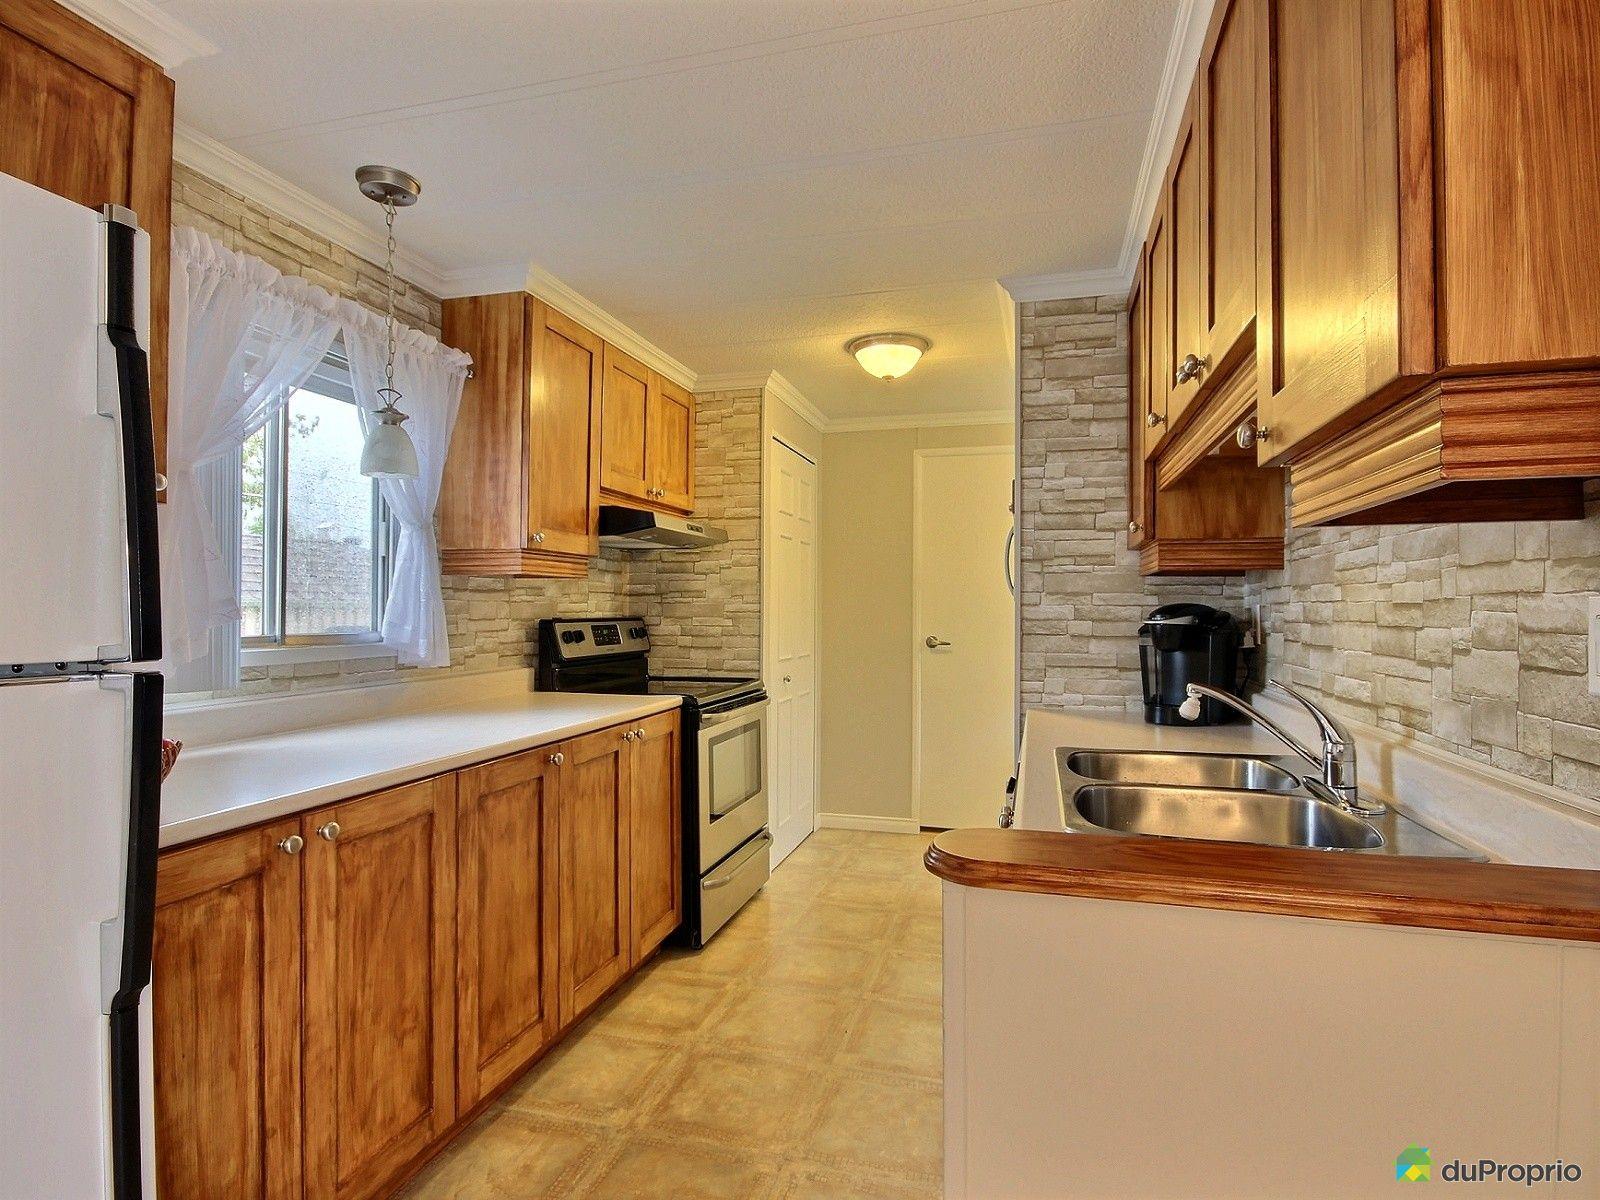 maison vendu ch teau richer immobilier qu bec duproprio 618973. Black Bedroom Furniture Sets. Home Design Ideas